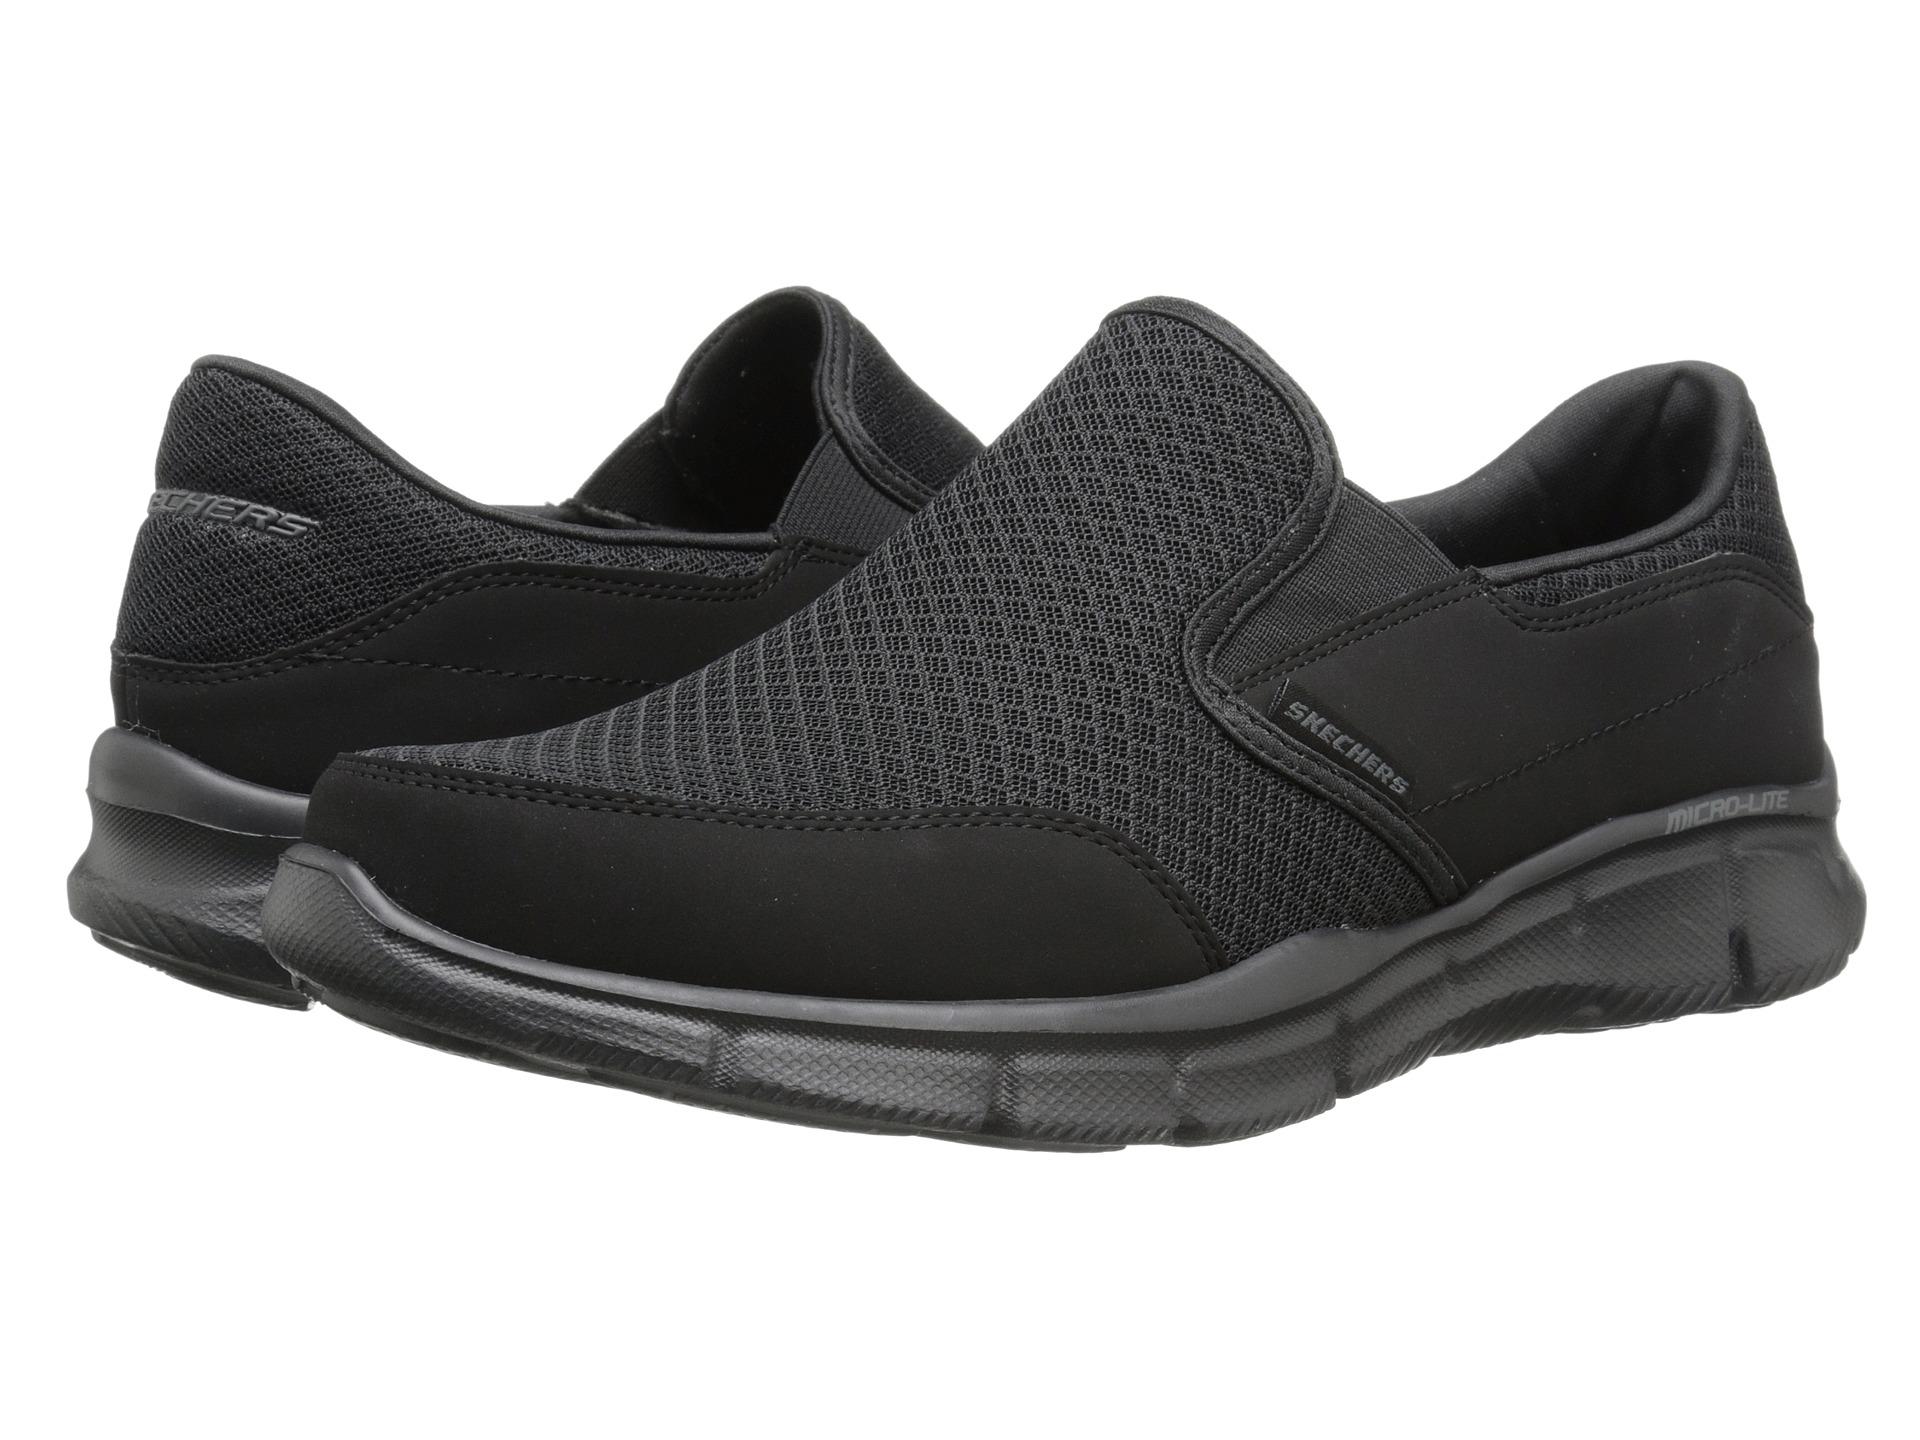 Skechers Black Equalizer Persistent Slip On Shoes